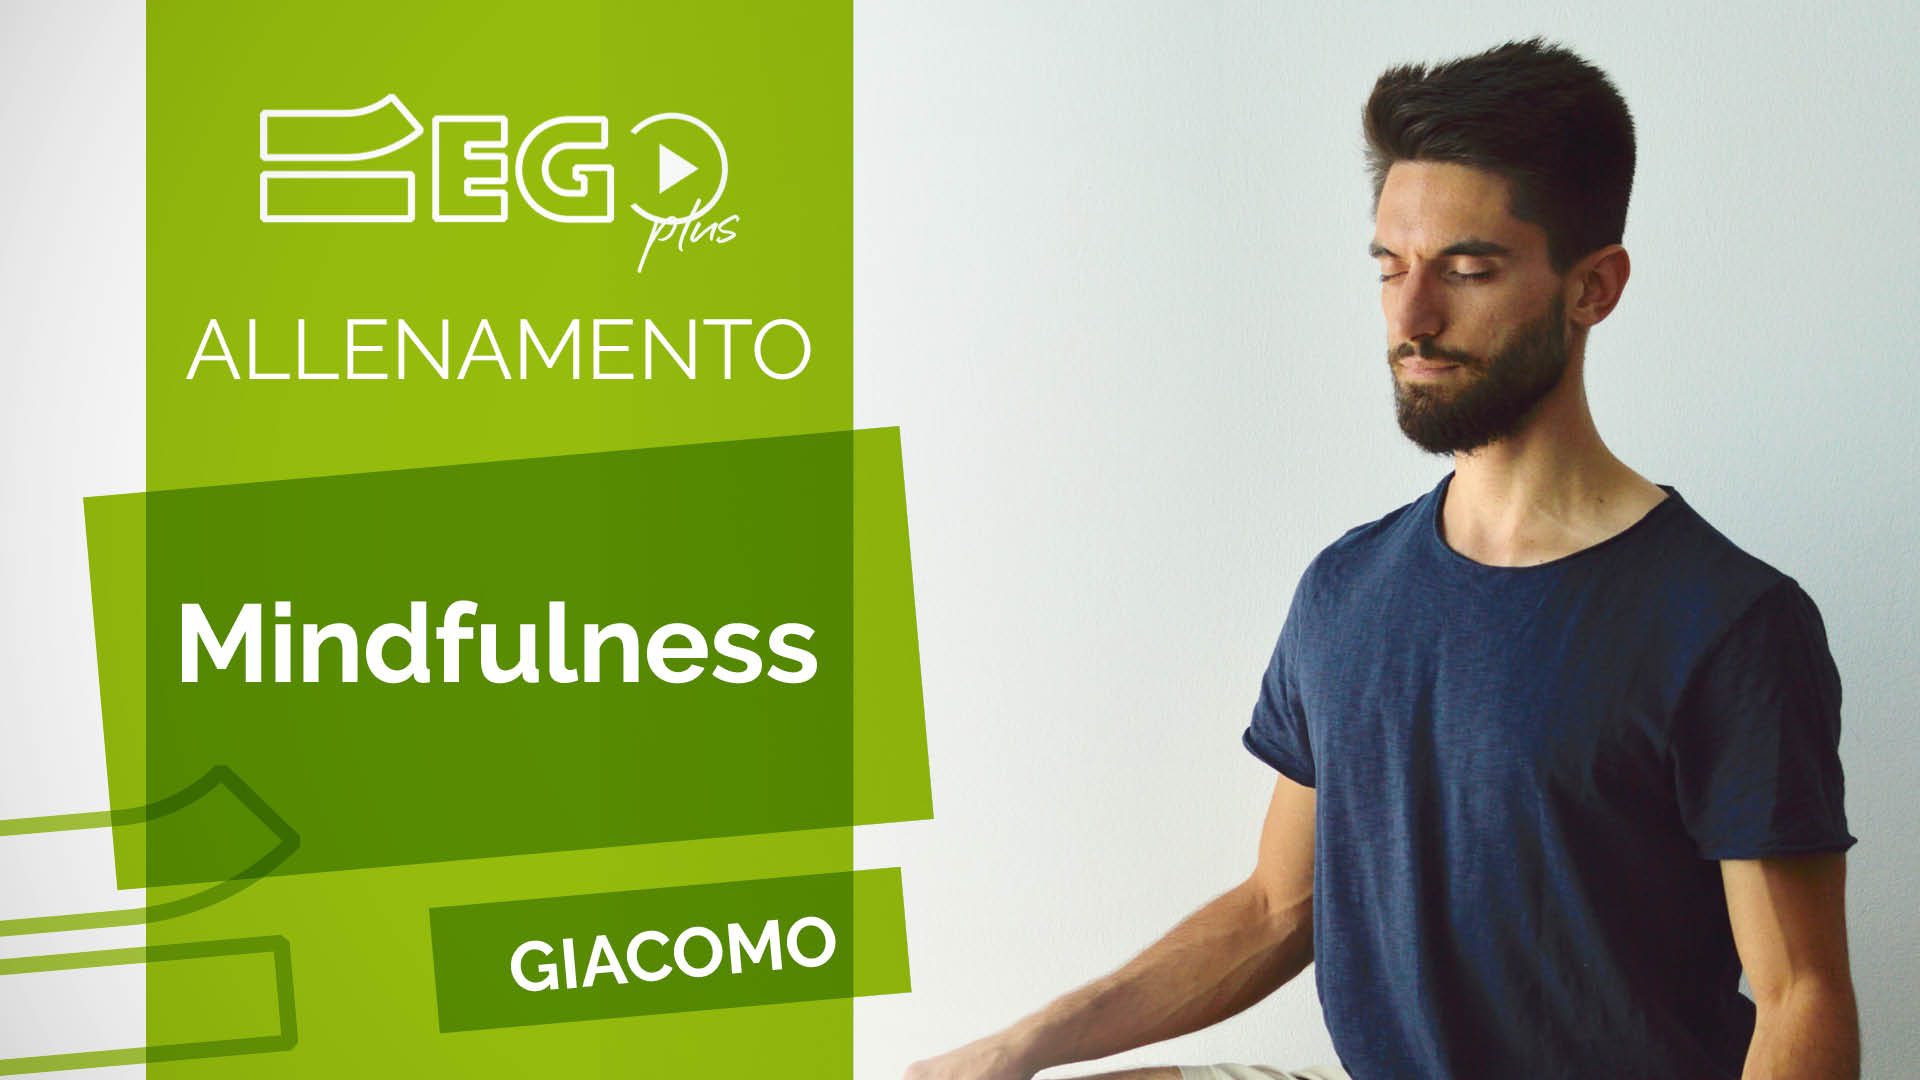 Giacomo-Mindfulness-egoplus